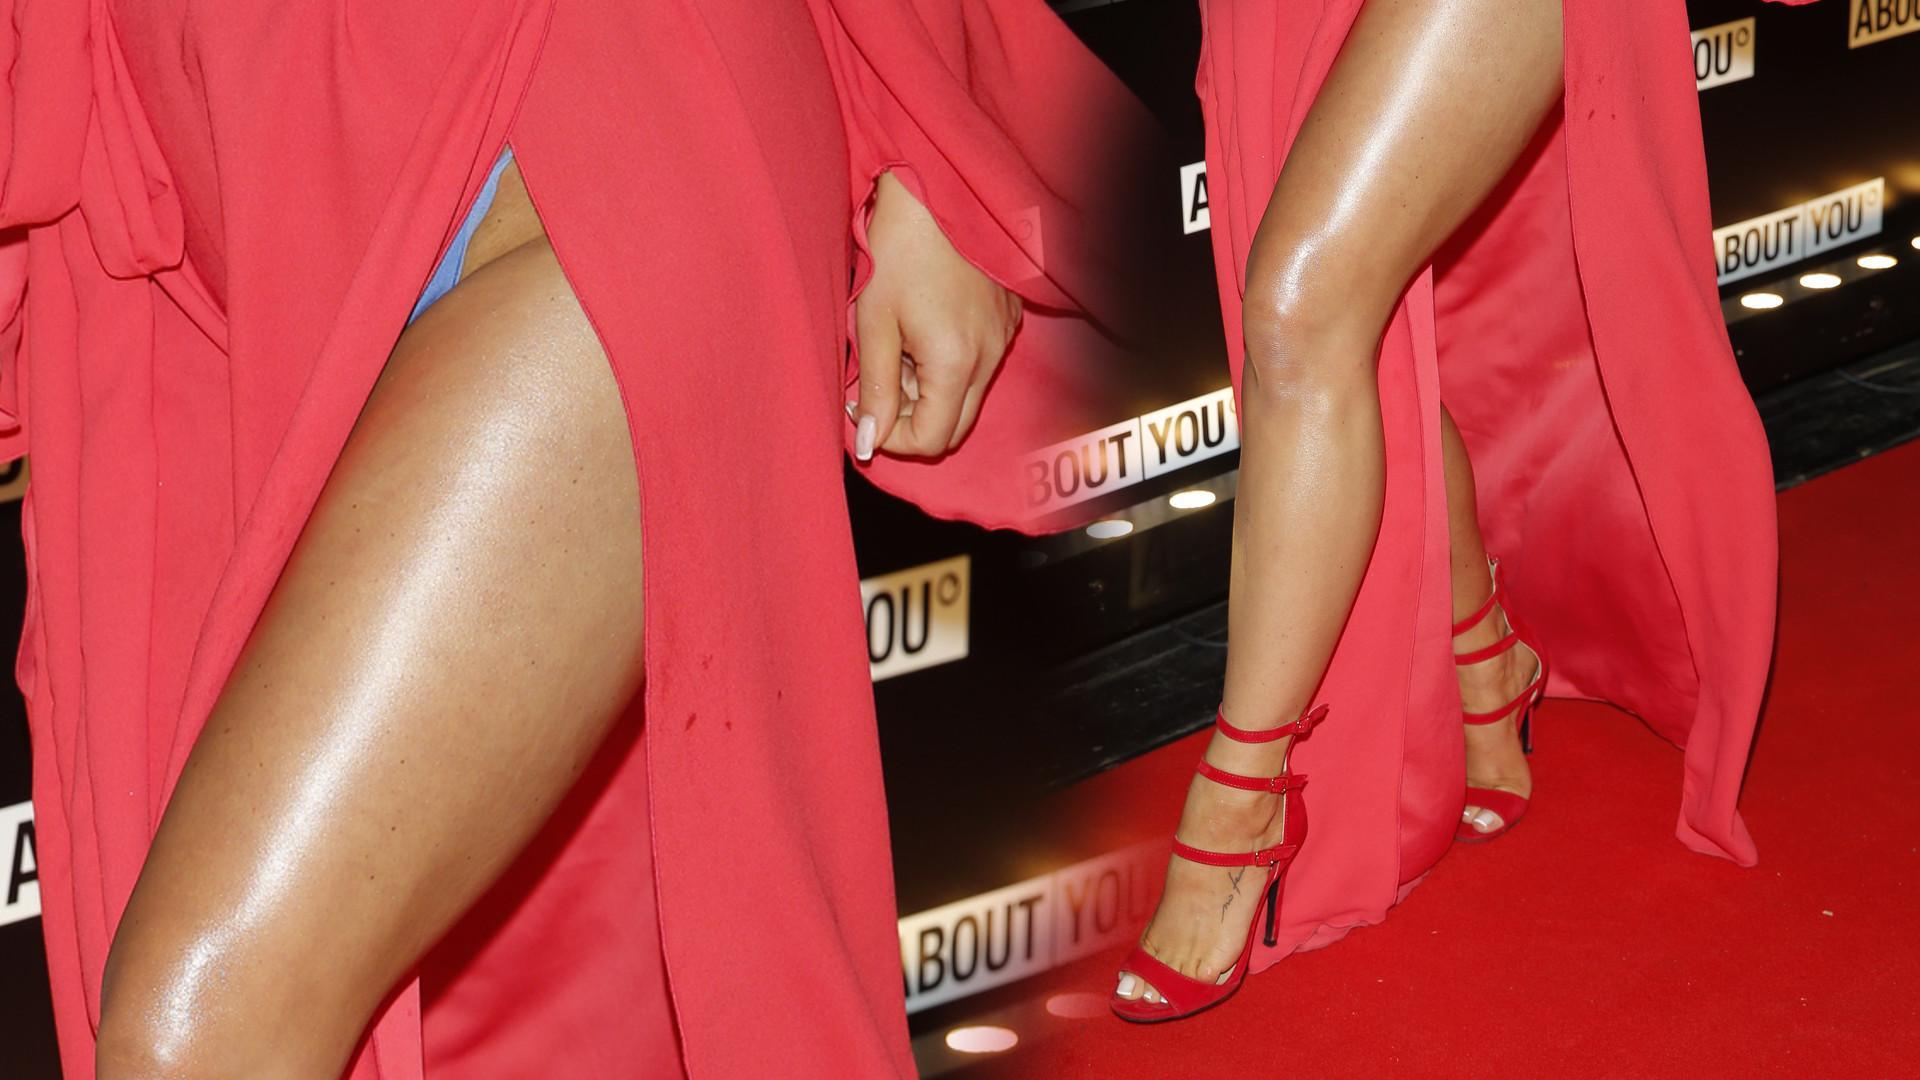 Polska Jennifer Lopez zaliczyła wpadkę z sukienką (ZDJĘCIA)